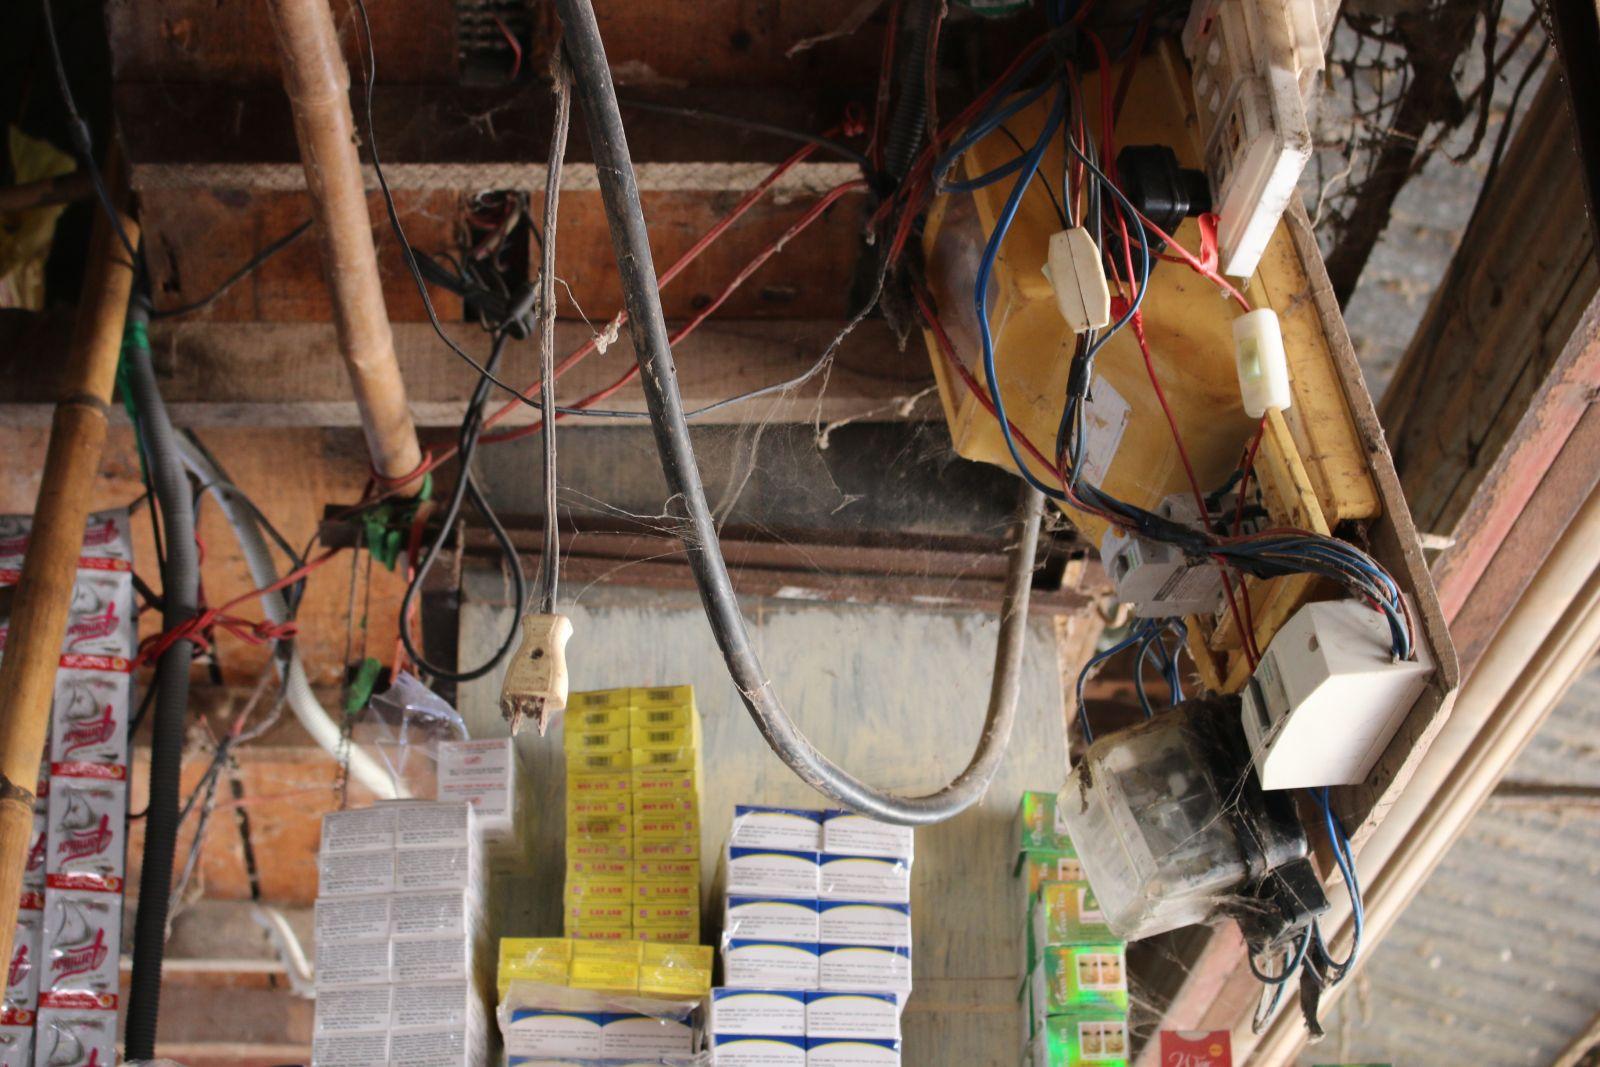 Câu móc điện tùy ý dễ dẫn đến chạm chập điện gây ra cháy